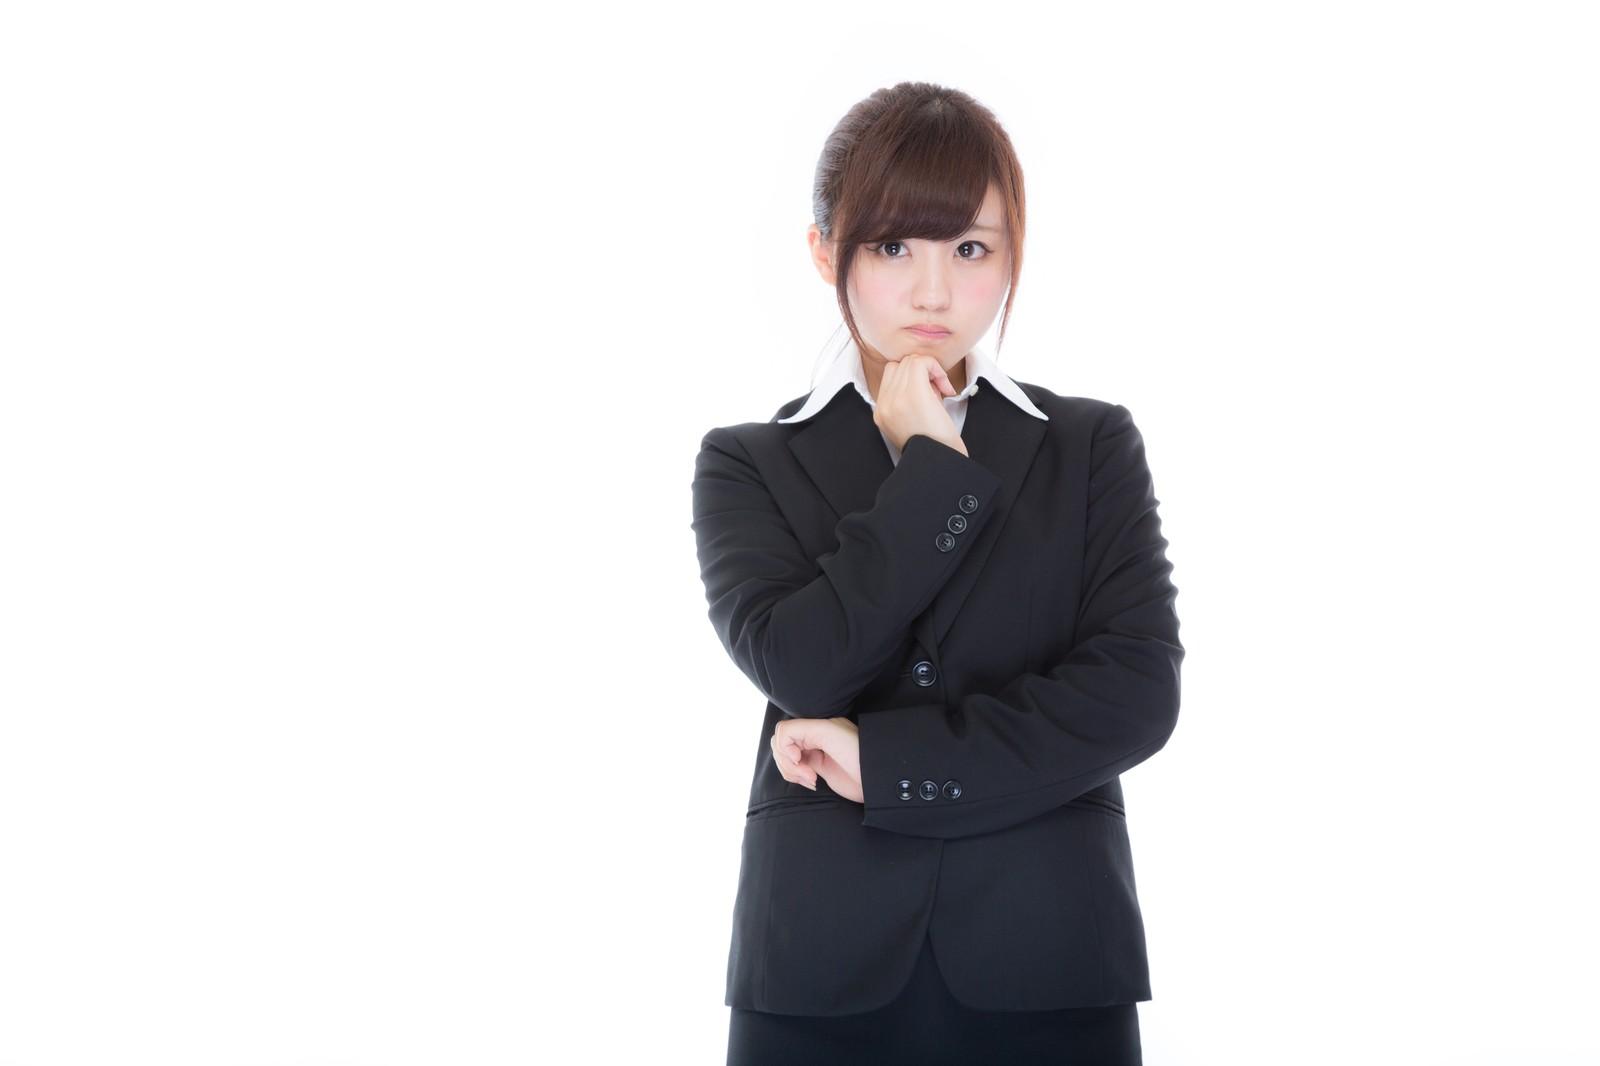 就職活動における魅力的なホワイト企業の探し方